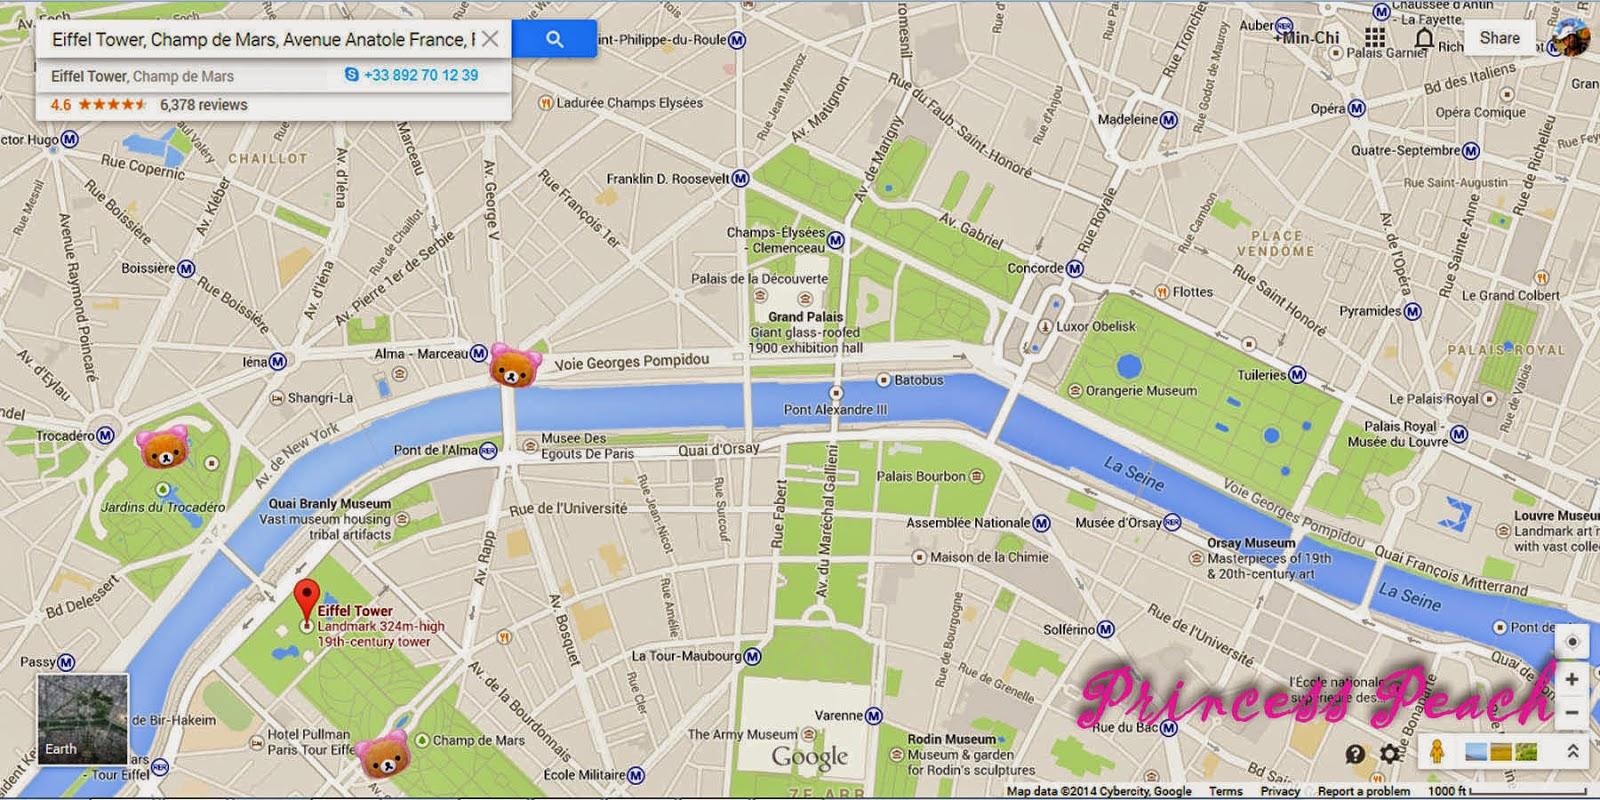 巴黎鐵塔玩樂地圖